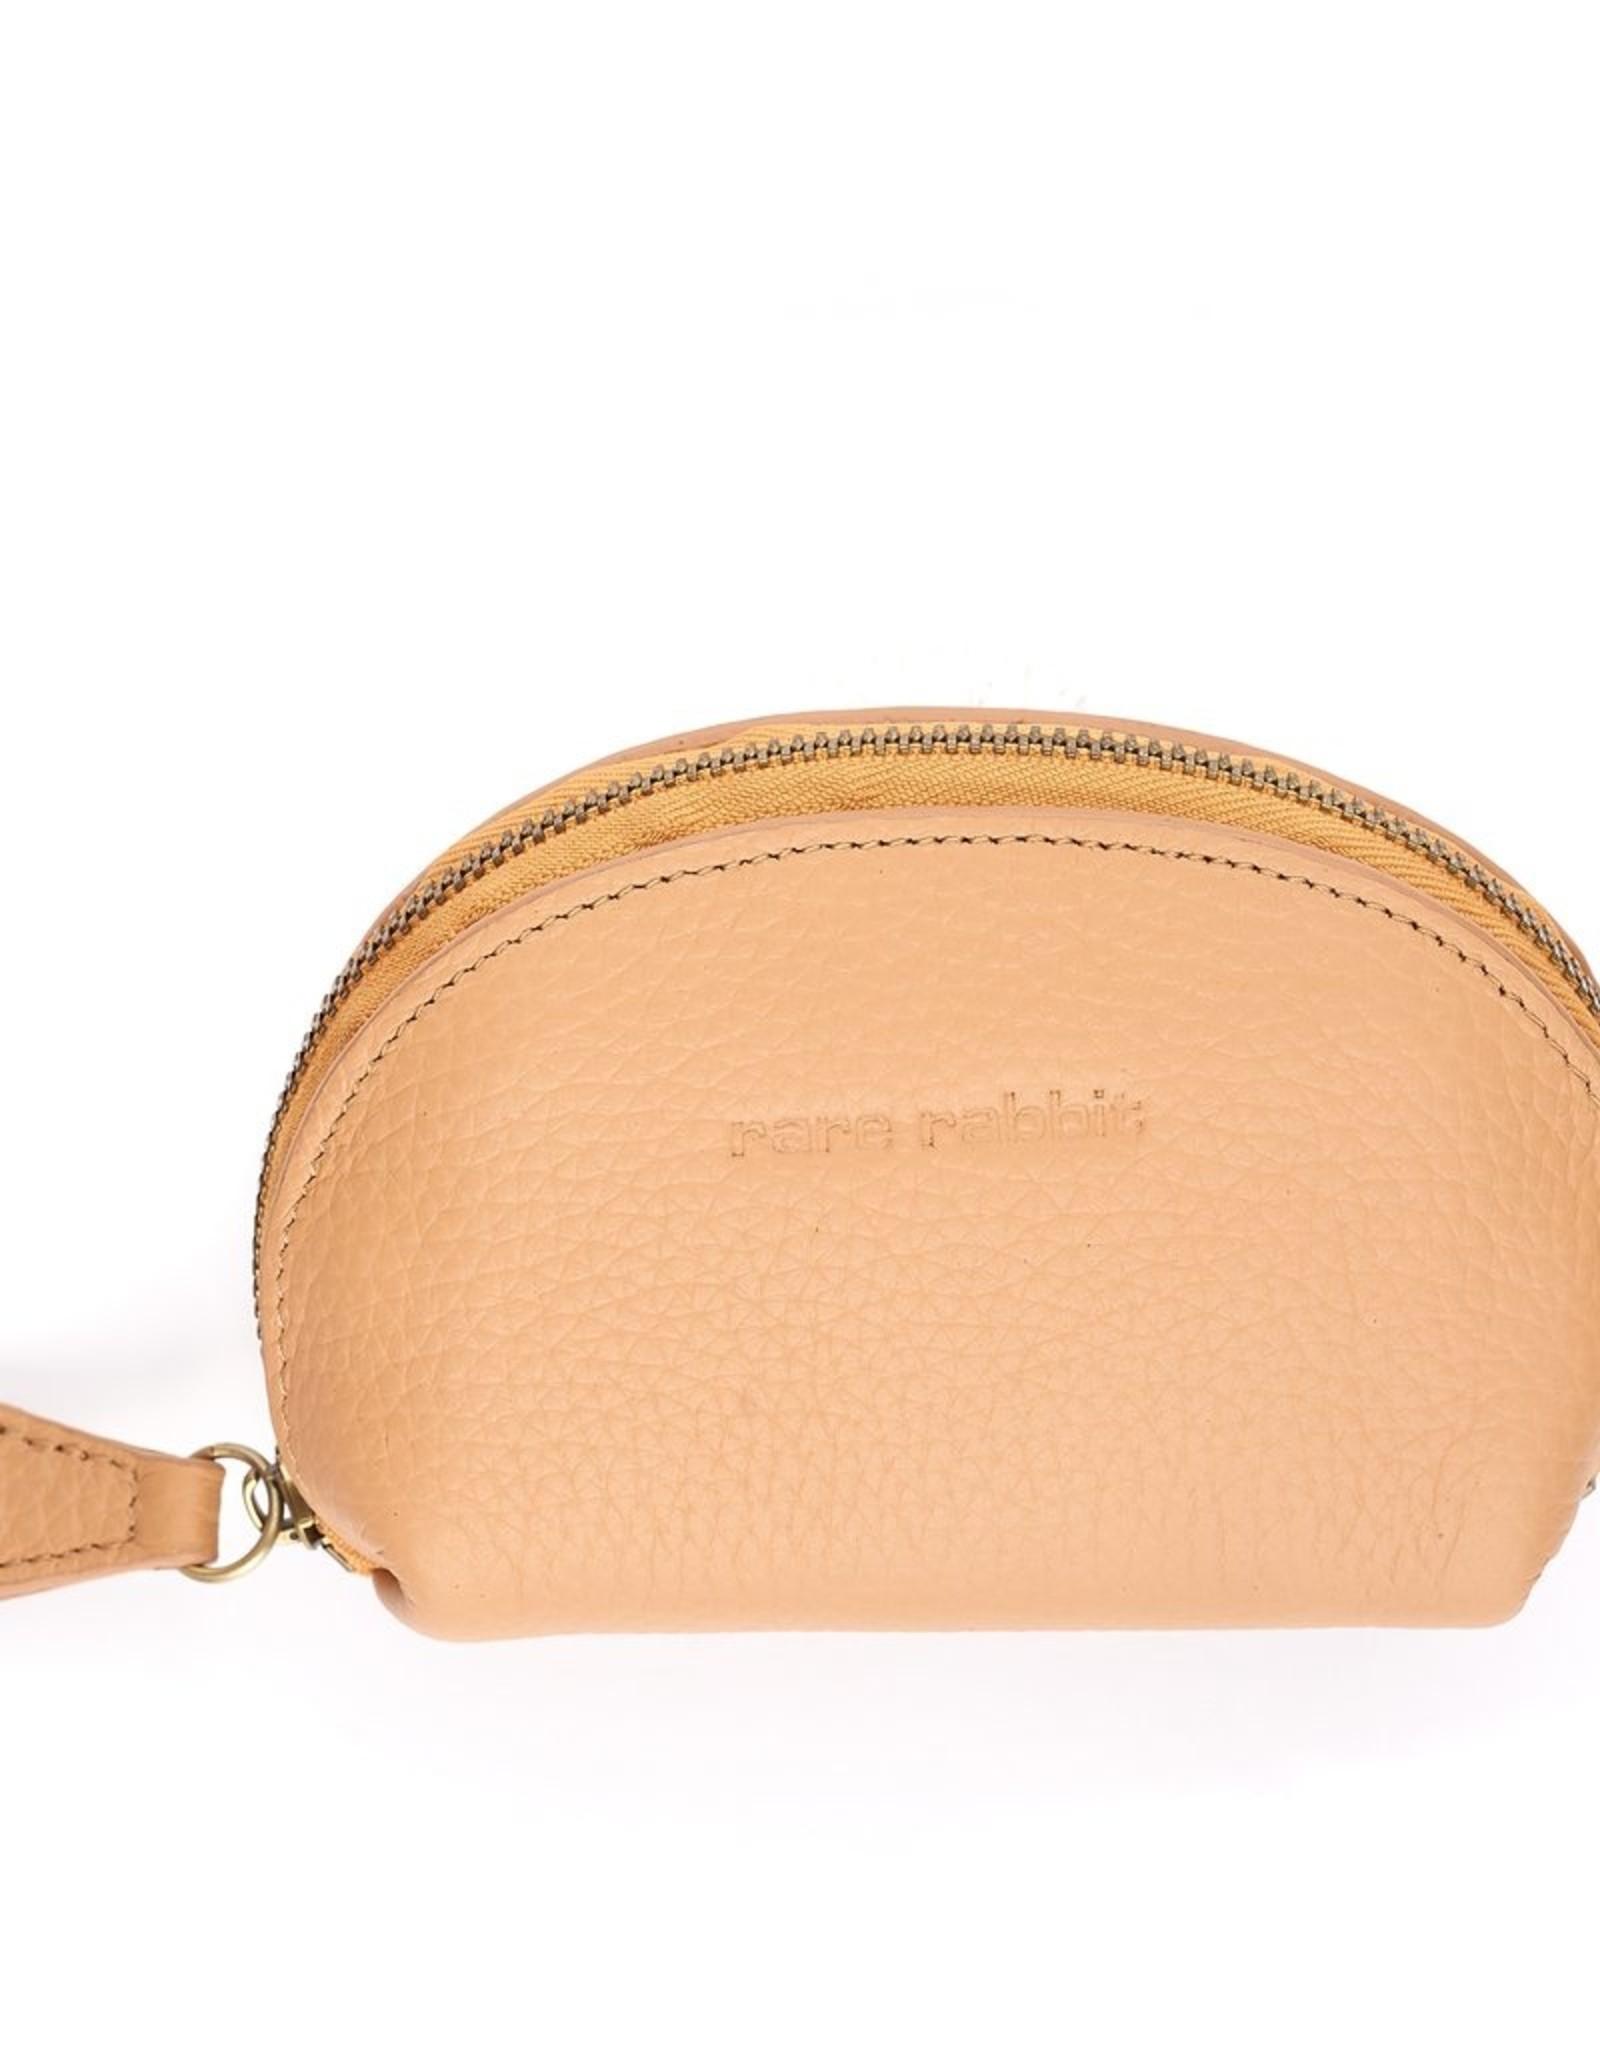 MeMe coin purse (nude)